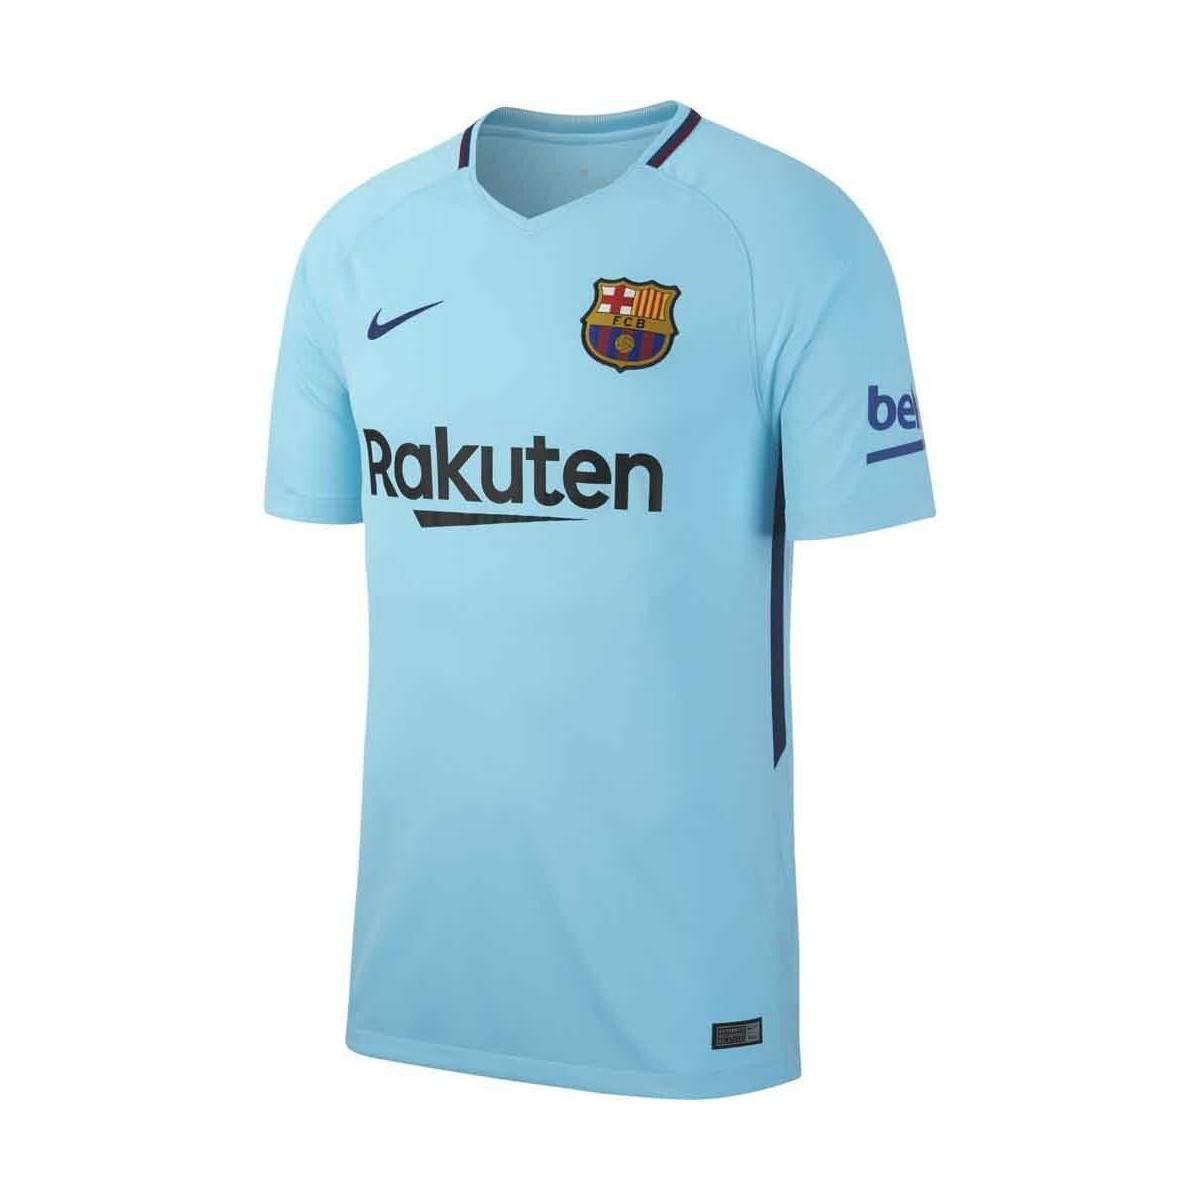 67455be60 Nike 2017-2018 Barcelona Away Shirt (rivaldo 10) Women s T Shirt In ...